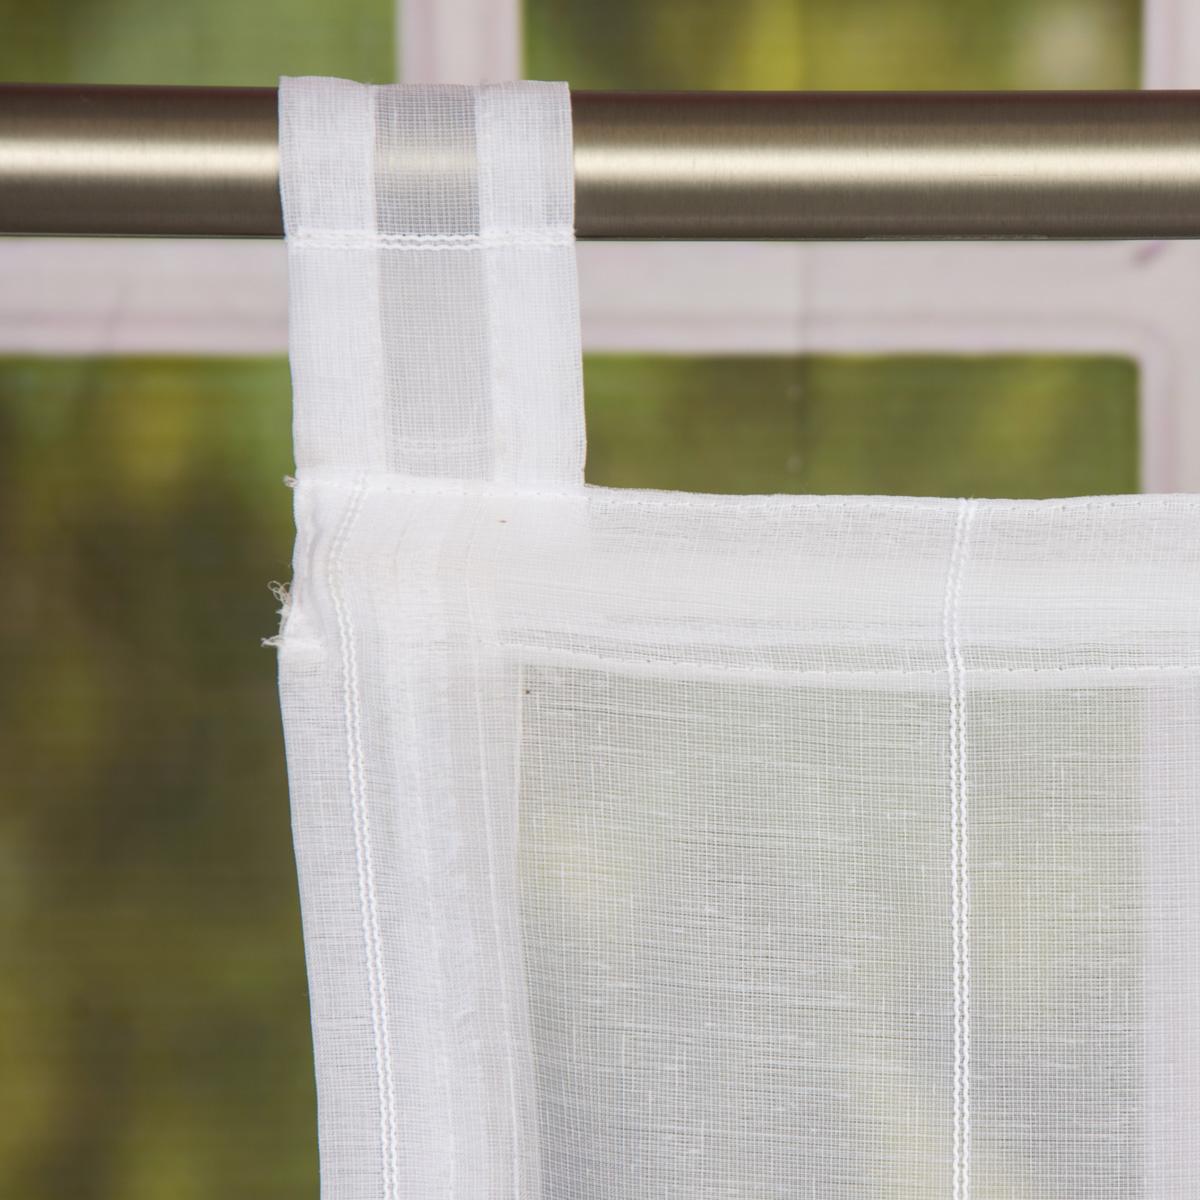 Raffrollo Rollo Schlaufen weiß transparent mit Streifen 120x140cm